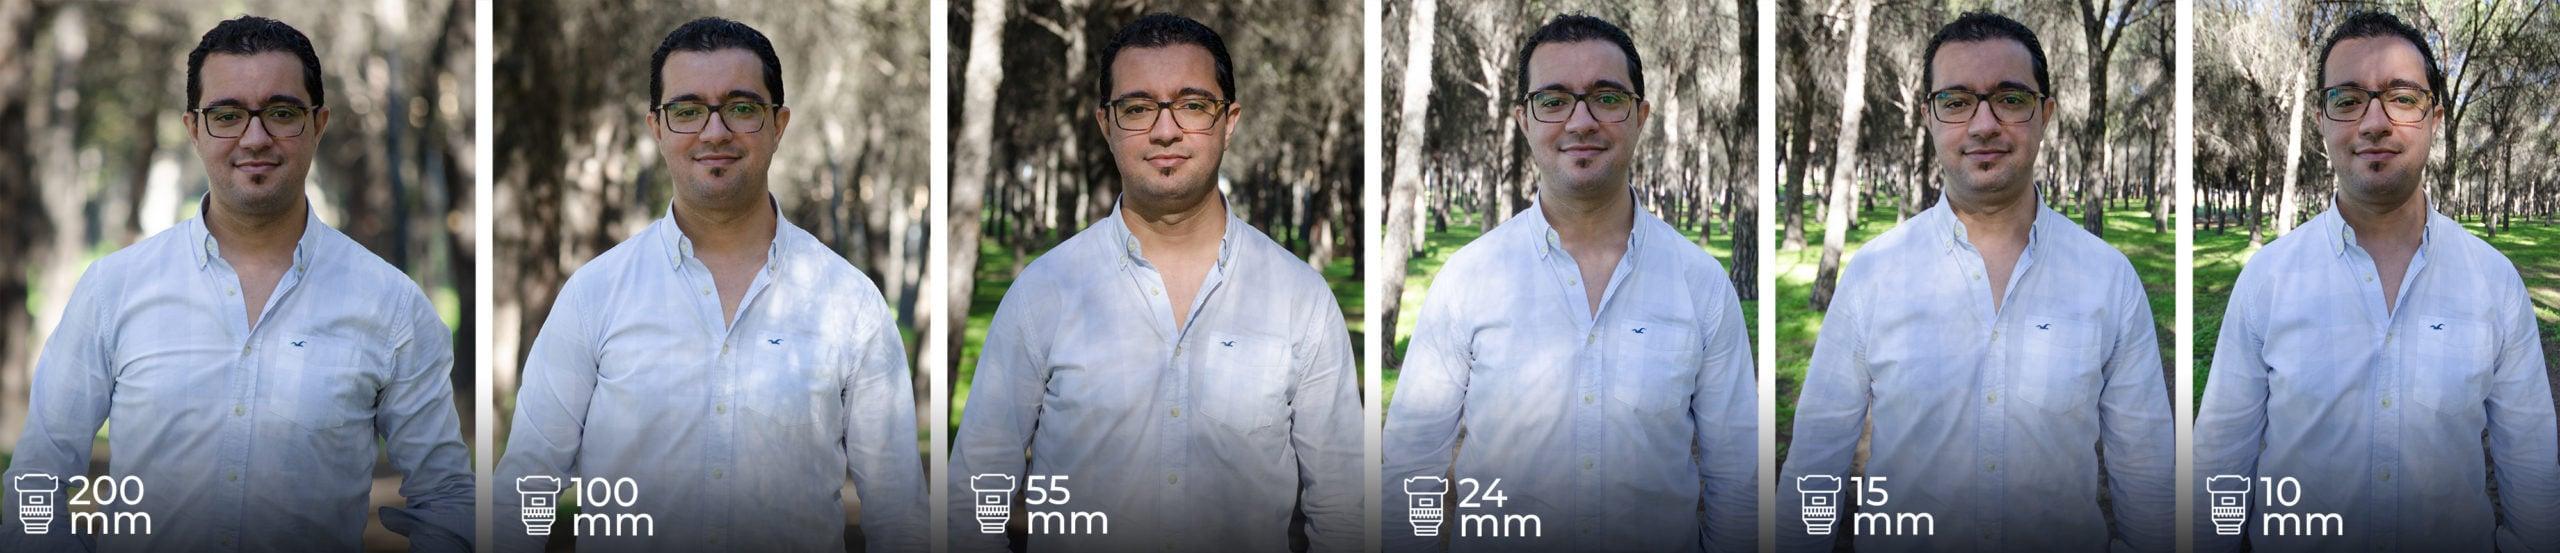 Comparativa de distorsión según la distancia focal